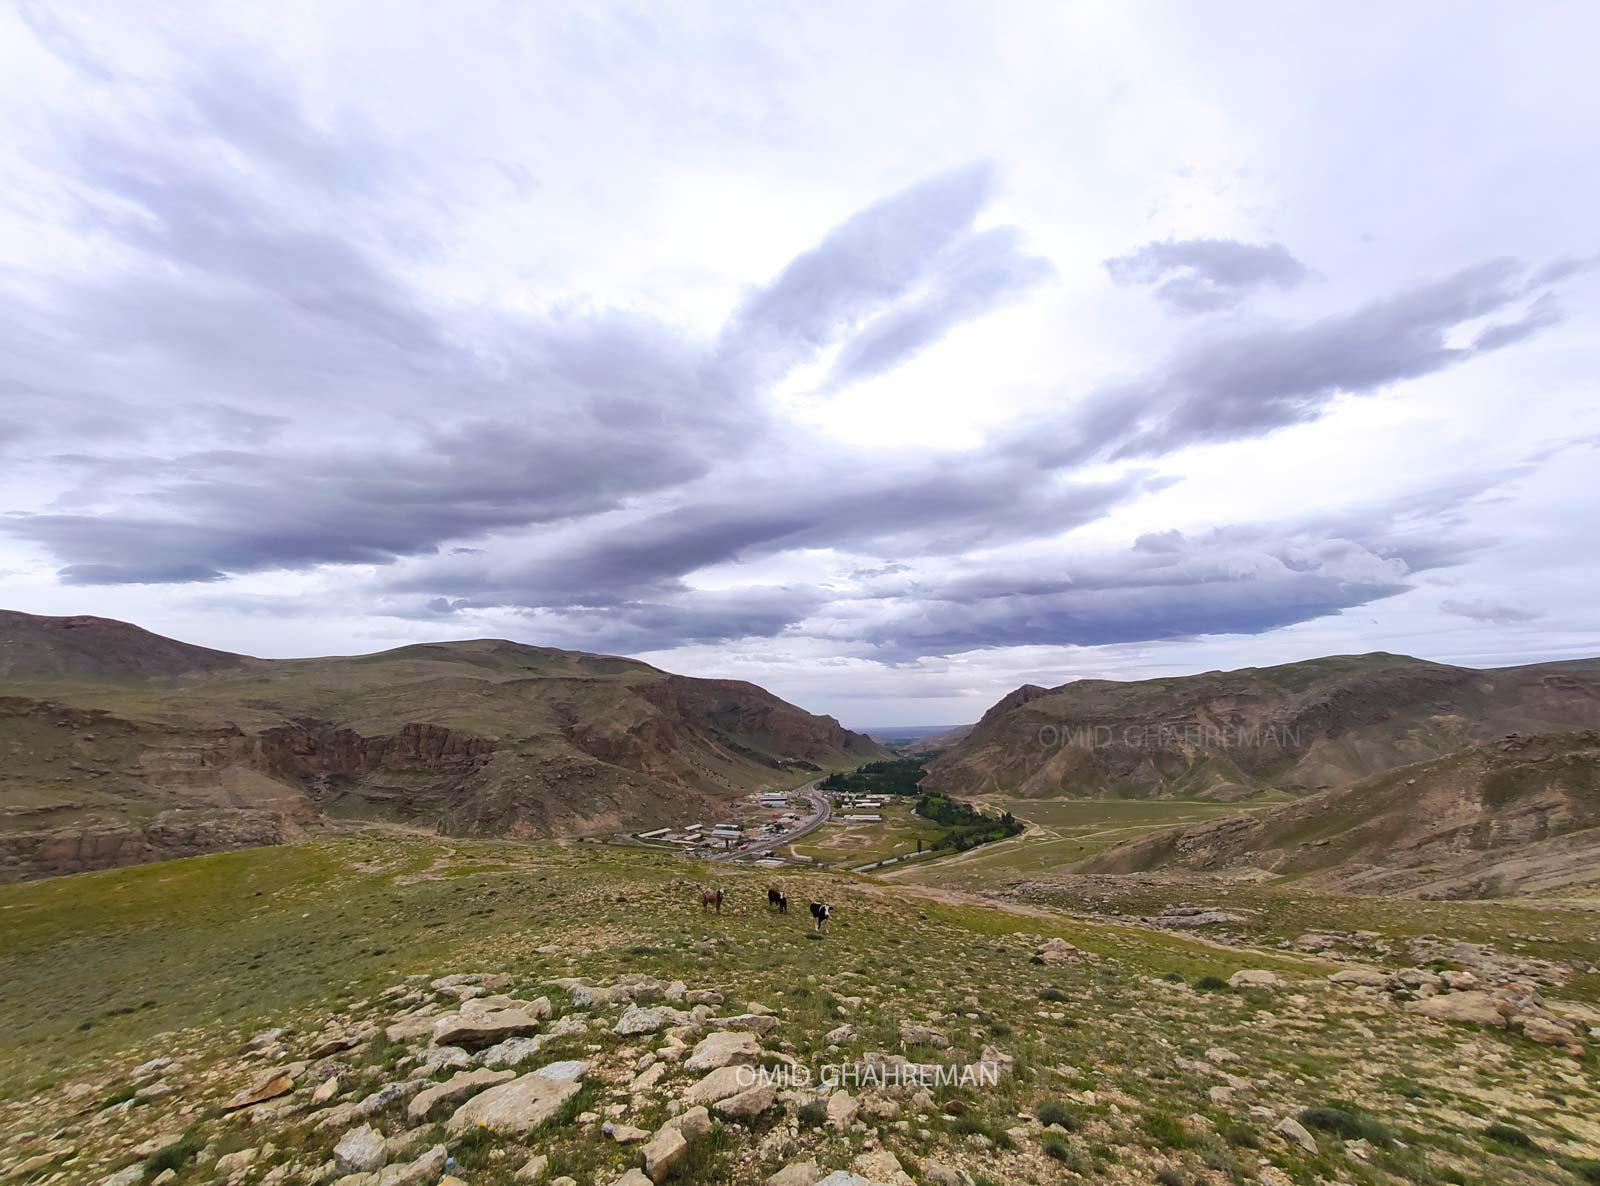 چرای گاوها در ارتفاعات بش گوز